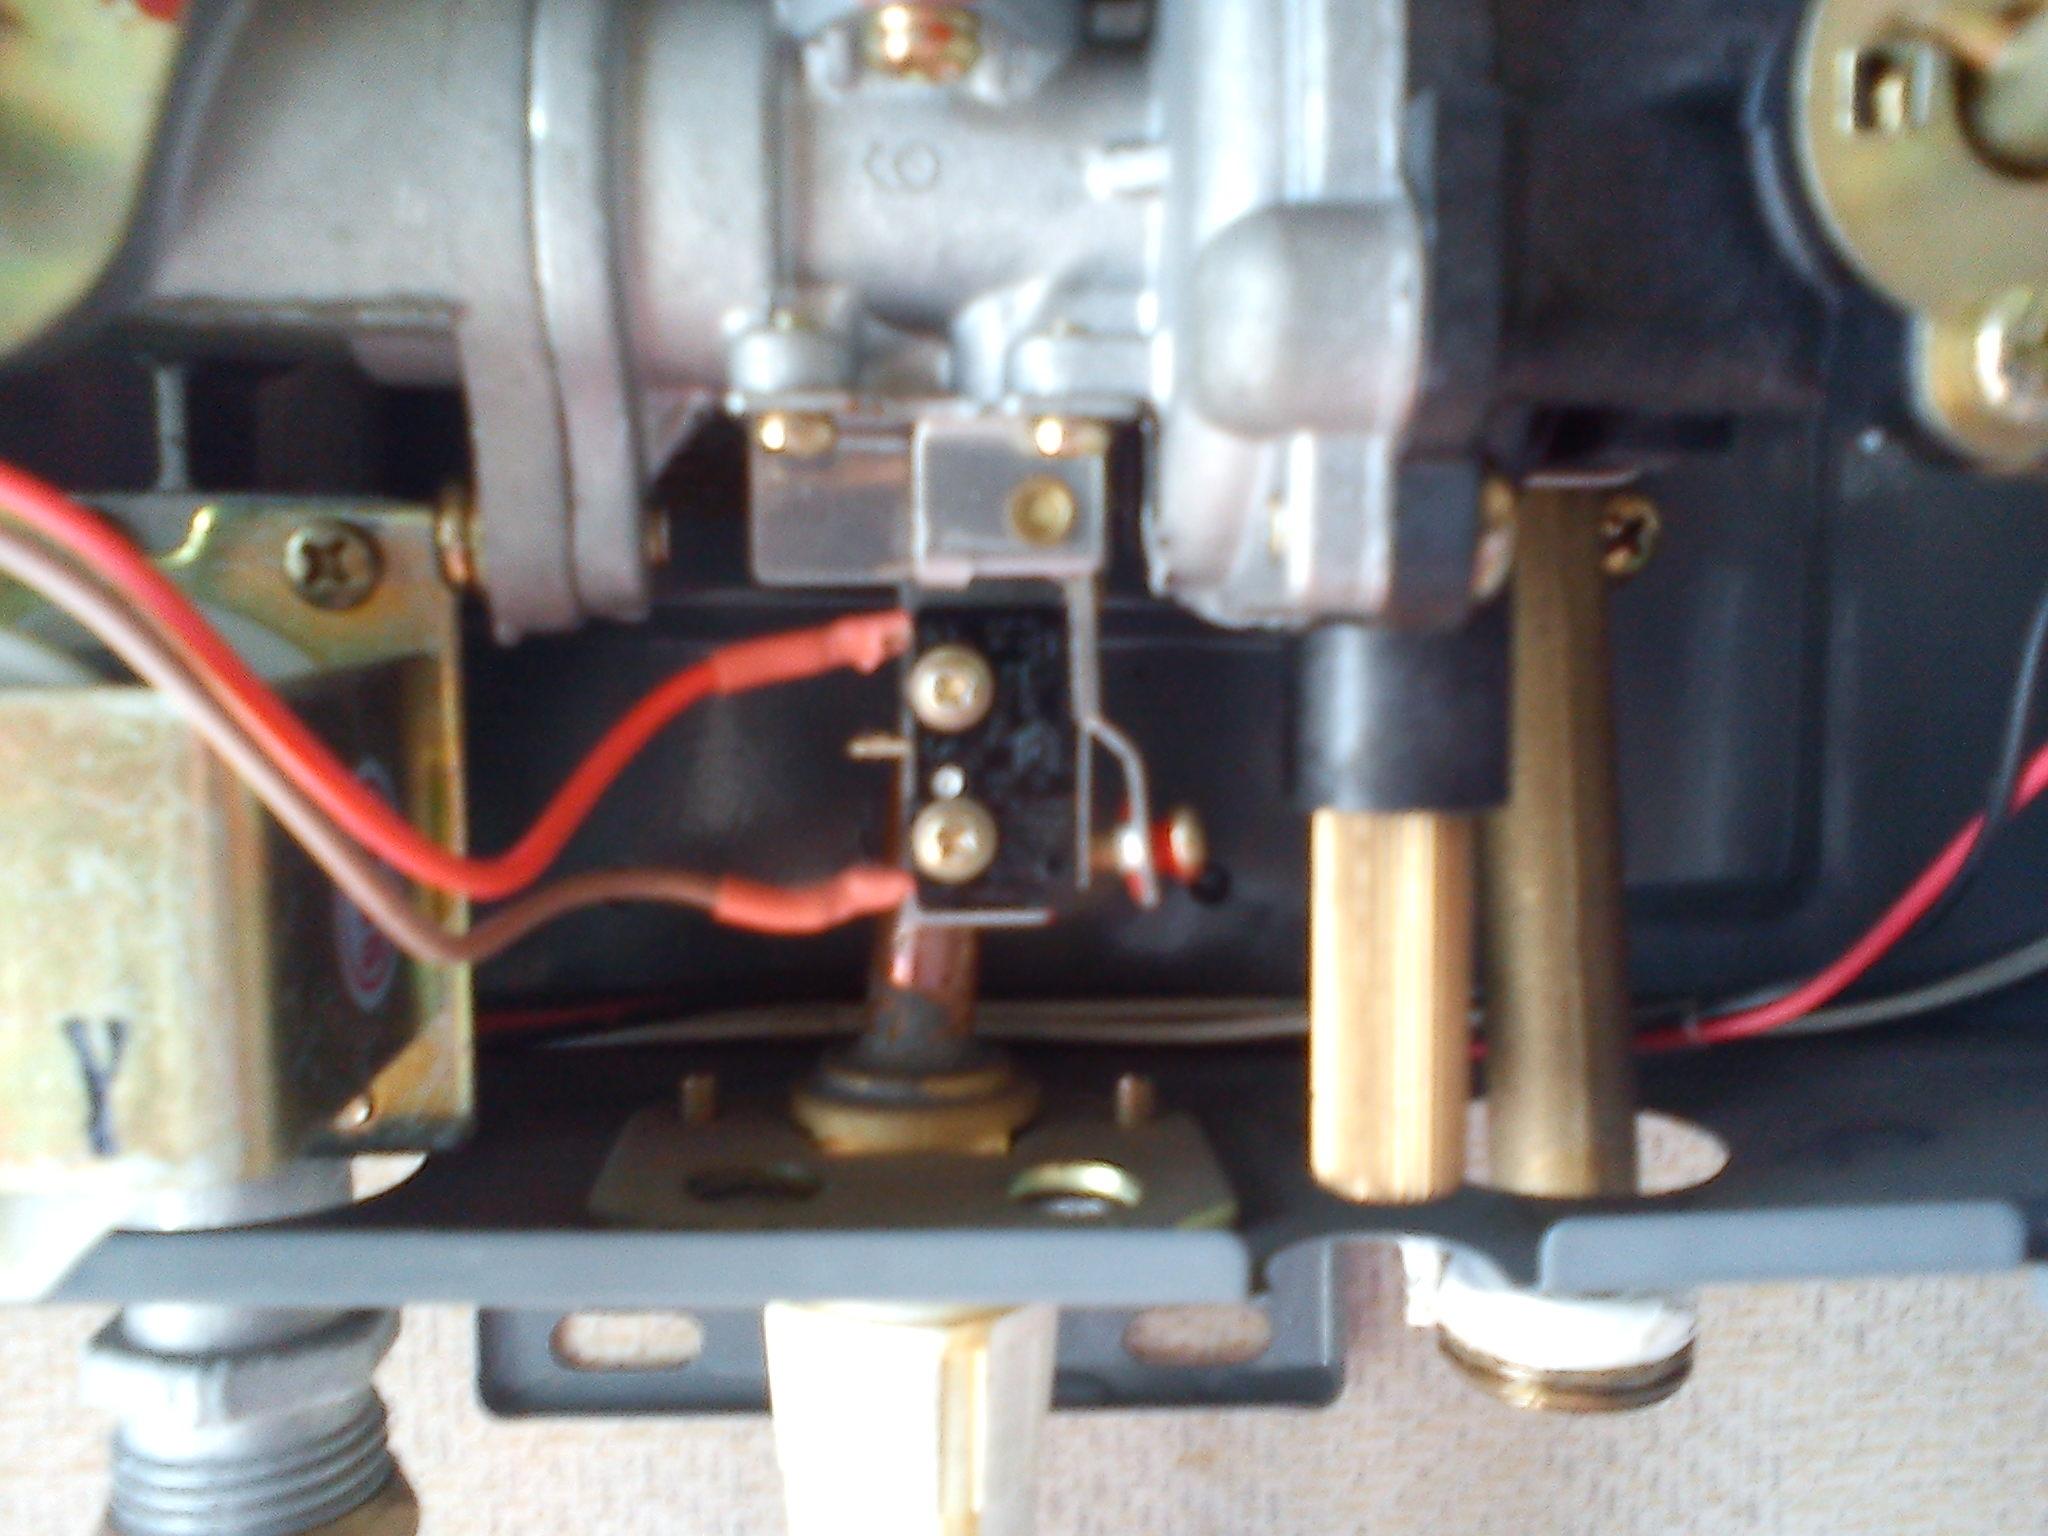 燃气热水器换了电池以后水没有以前的热了 是怎么回事图片